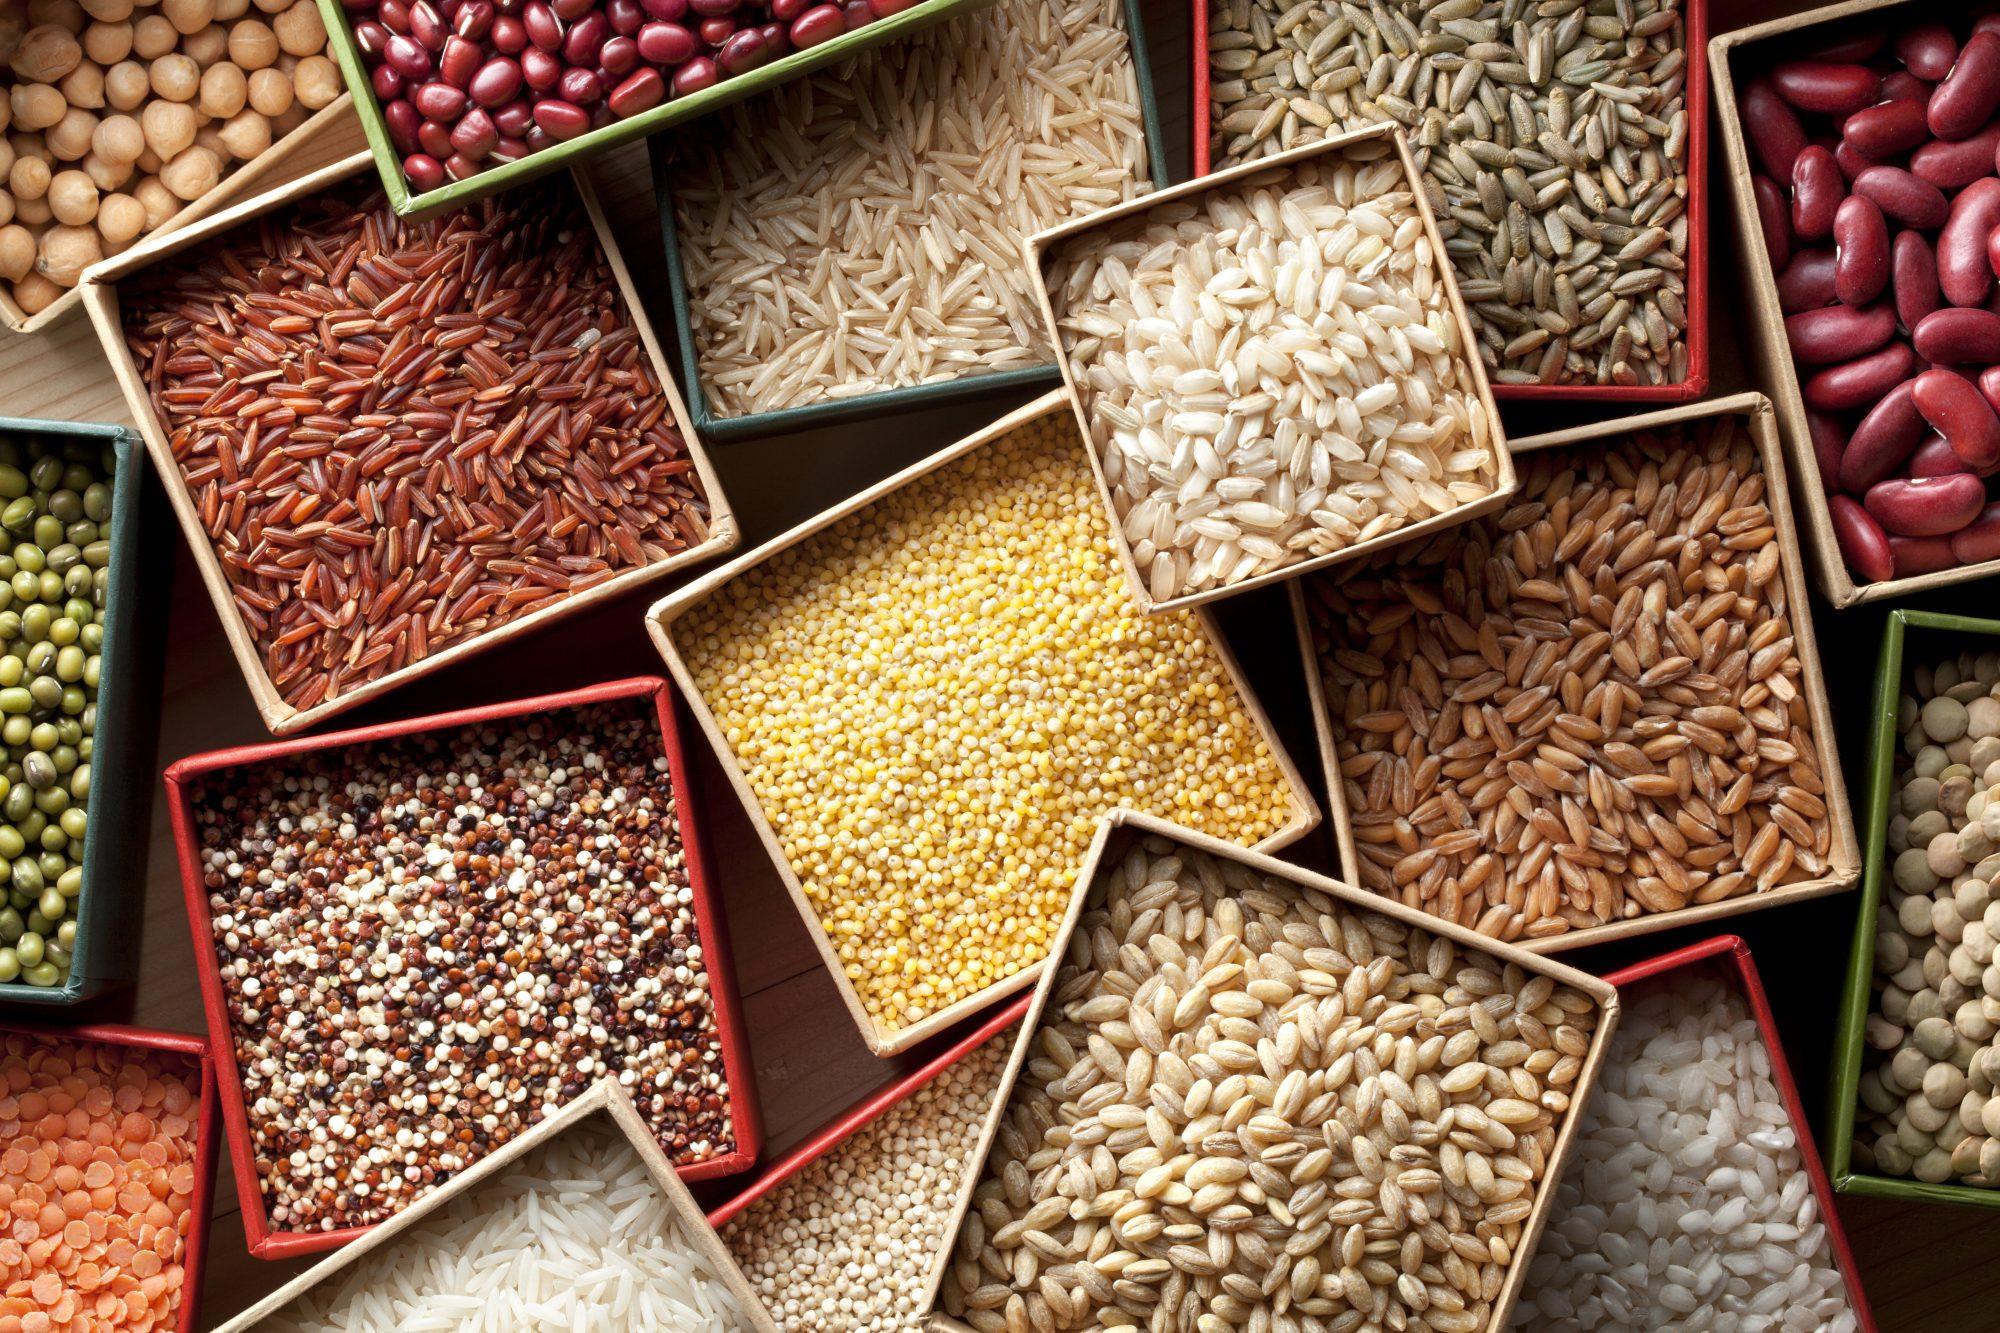 getty quinoa vs rice 121118